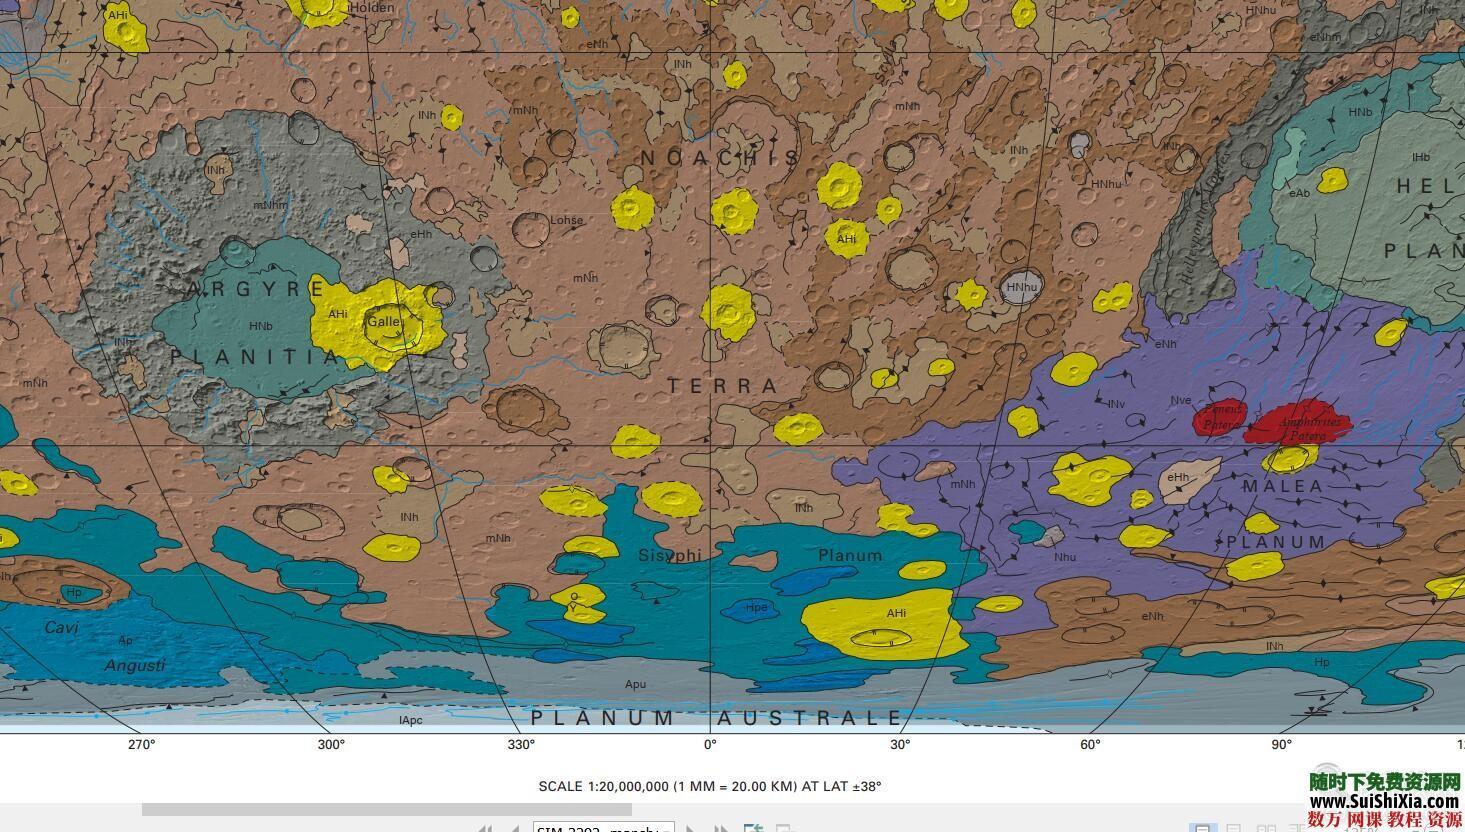 超清英文版【火星地图】 第7张